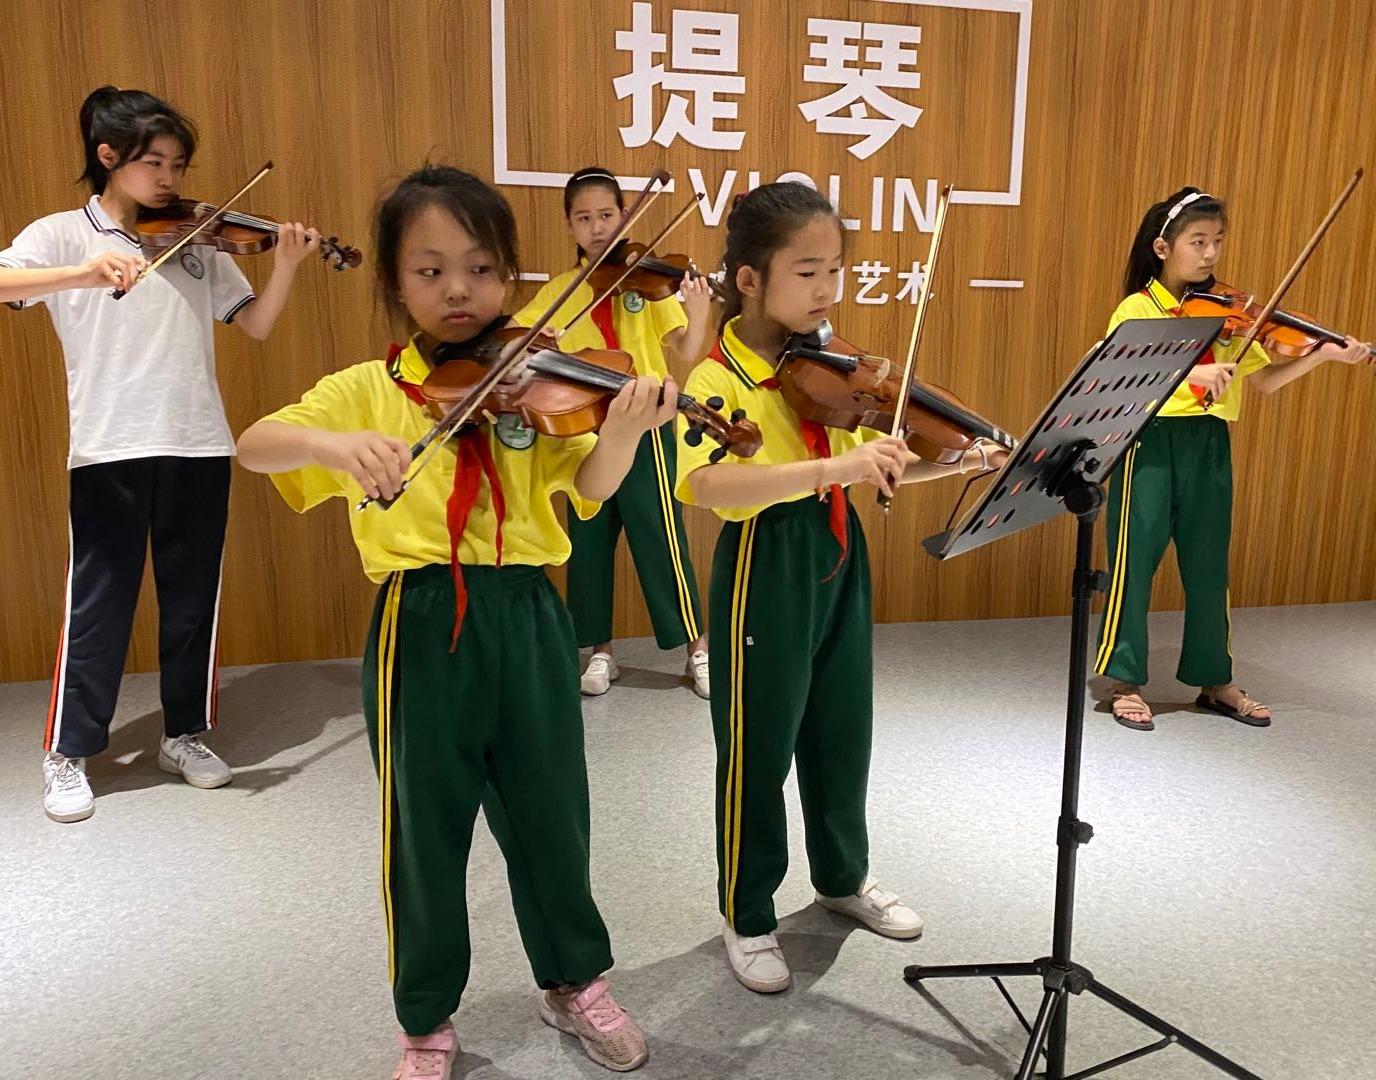 バイオリン生産で暮らしを豊かに 河南省